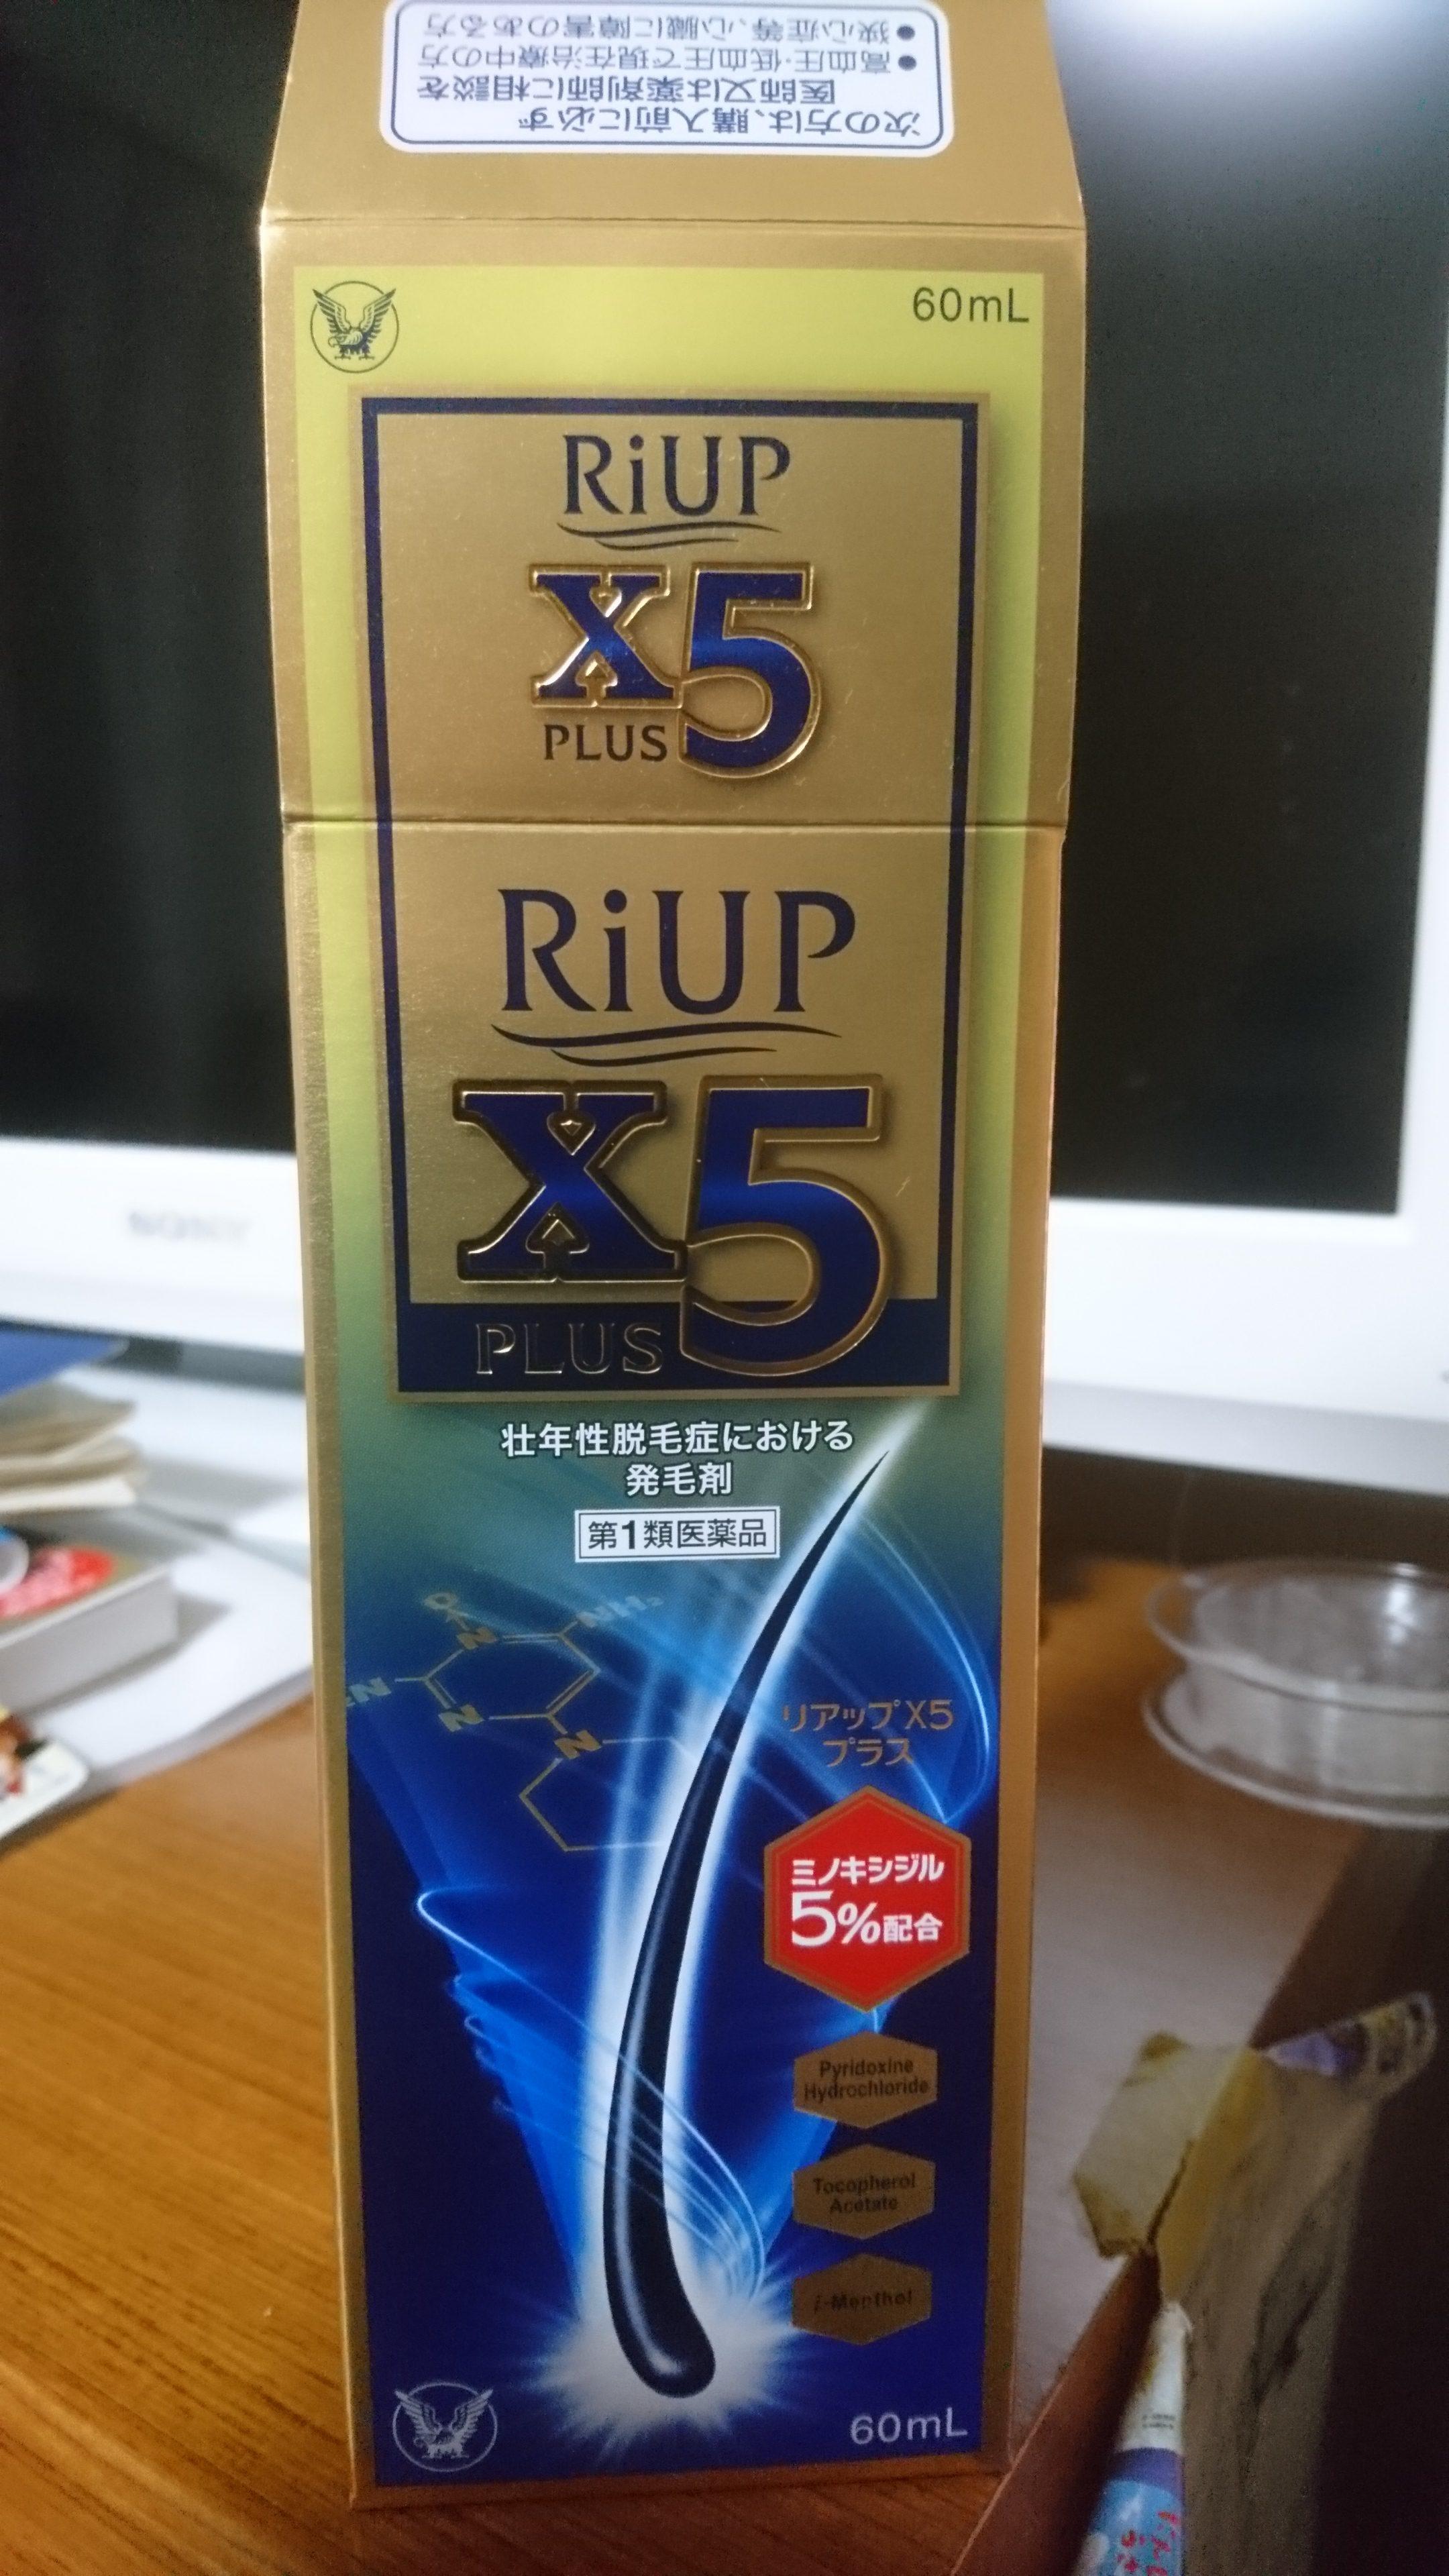 ミノキシジル5%が効くか。リアップX5プラスローションで育毛。15日が経ったよ。ゴワゴワの使用感だよ。